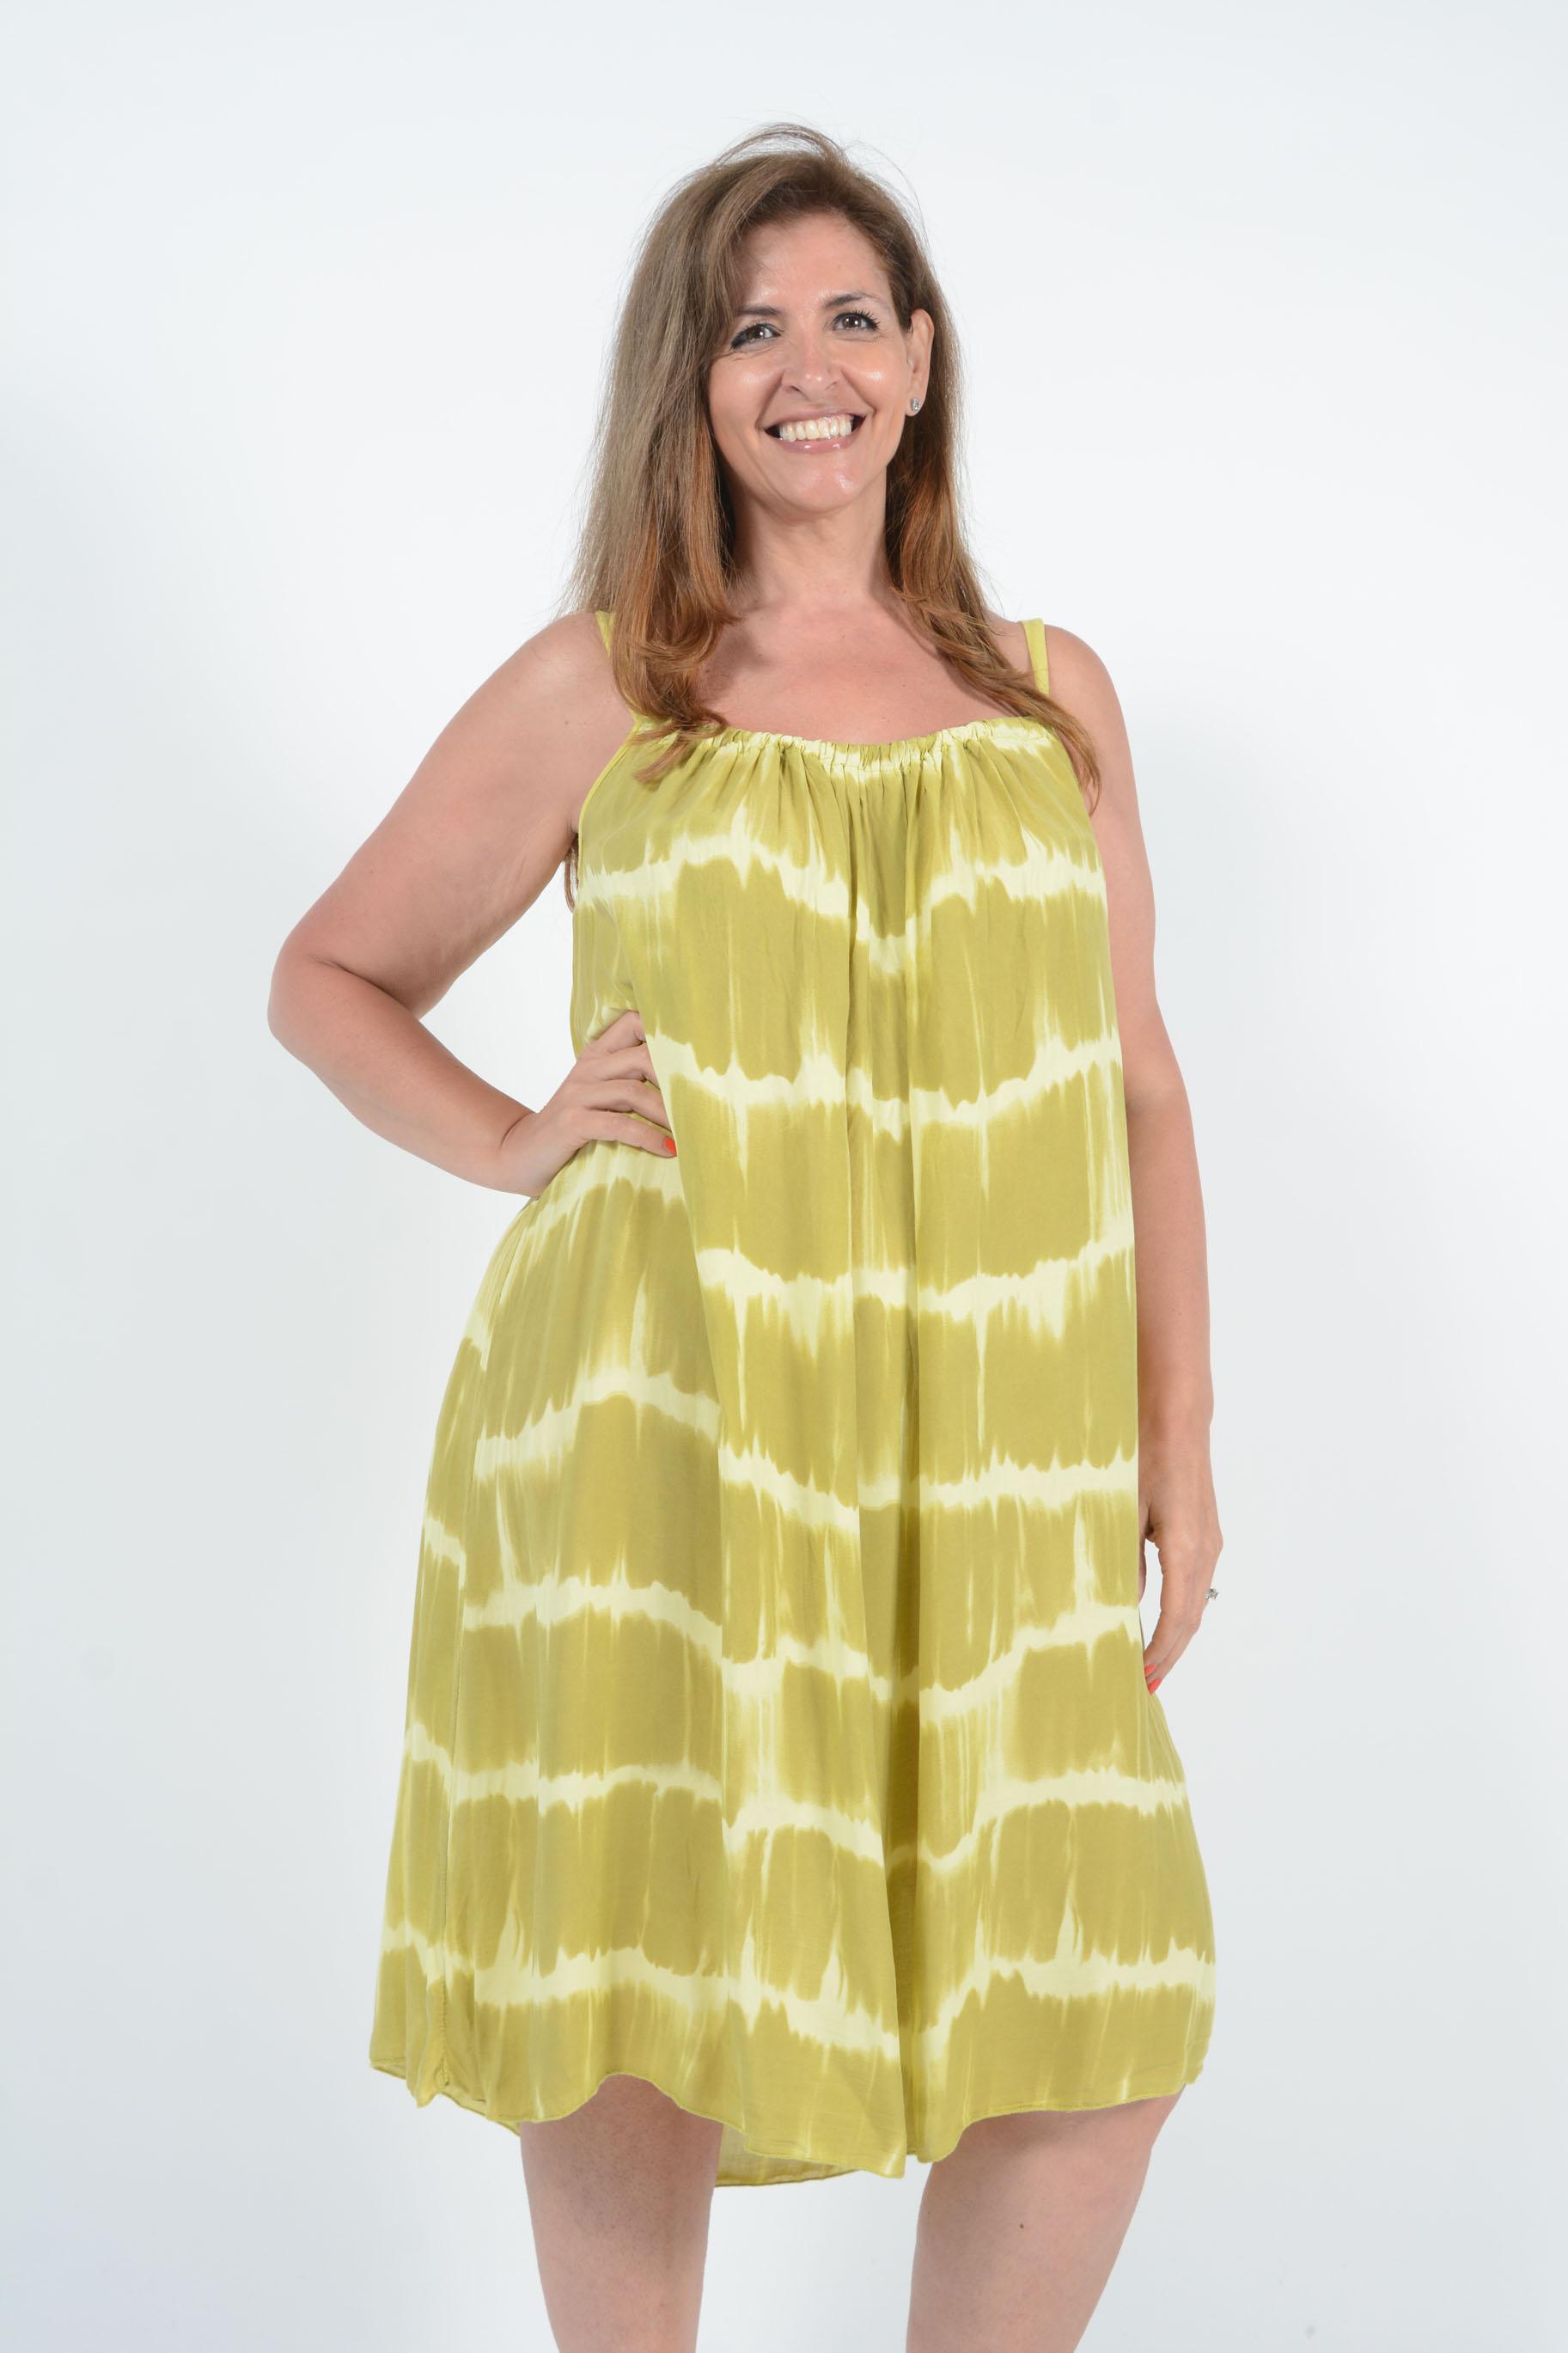 Belle Love Italy Ysabelle Tie-Dye Sun Dress